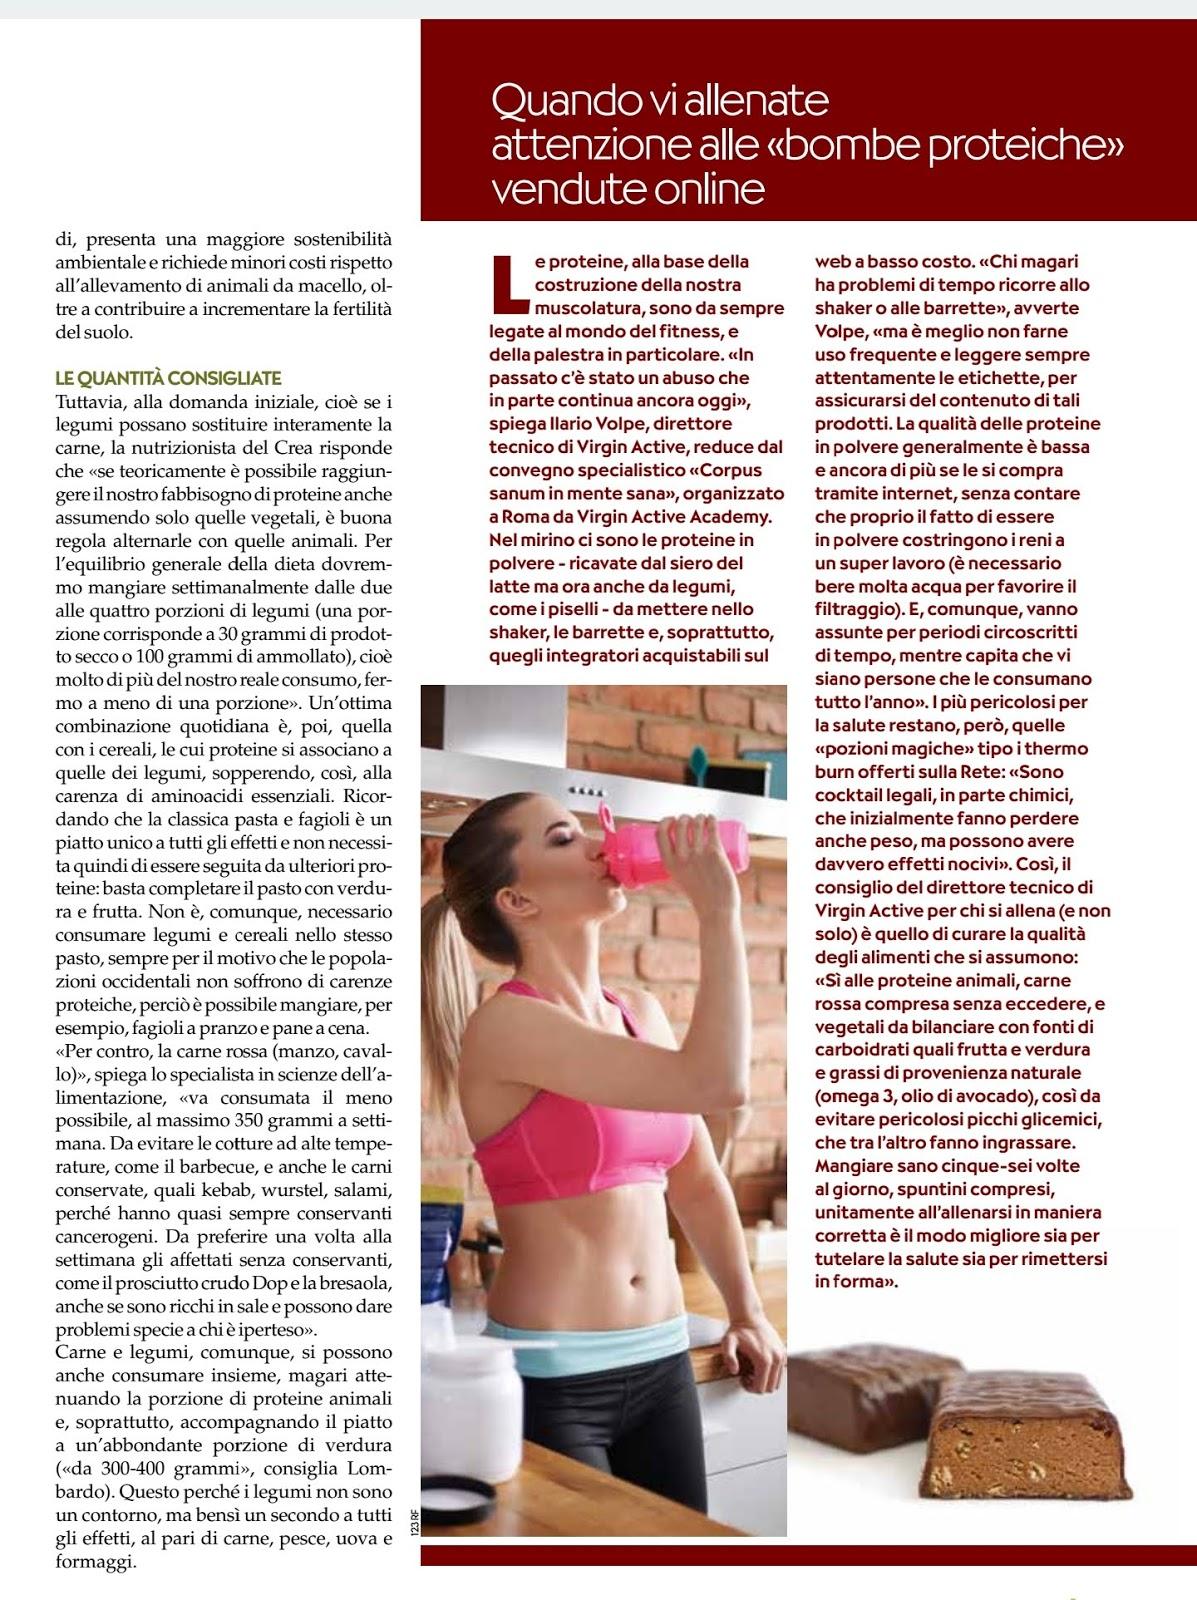 Legumi O Carne La Guida Alle Proteine Intervista Al Dott Lombardo Pubblicata Sulla Rivista Ok Salute E Benessere Sett 2018 Mauro Lombardo